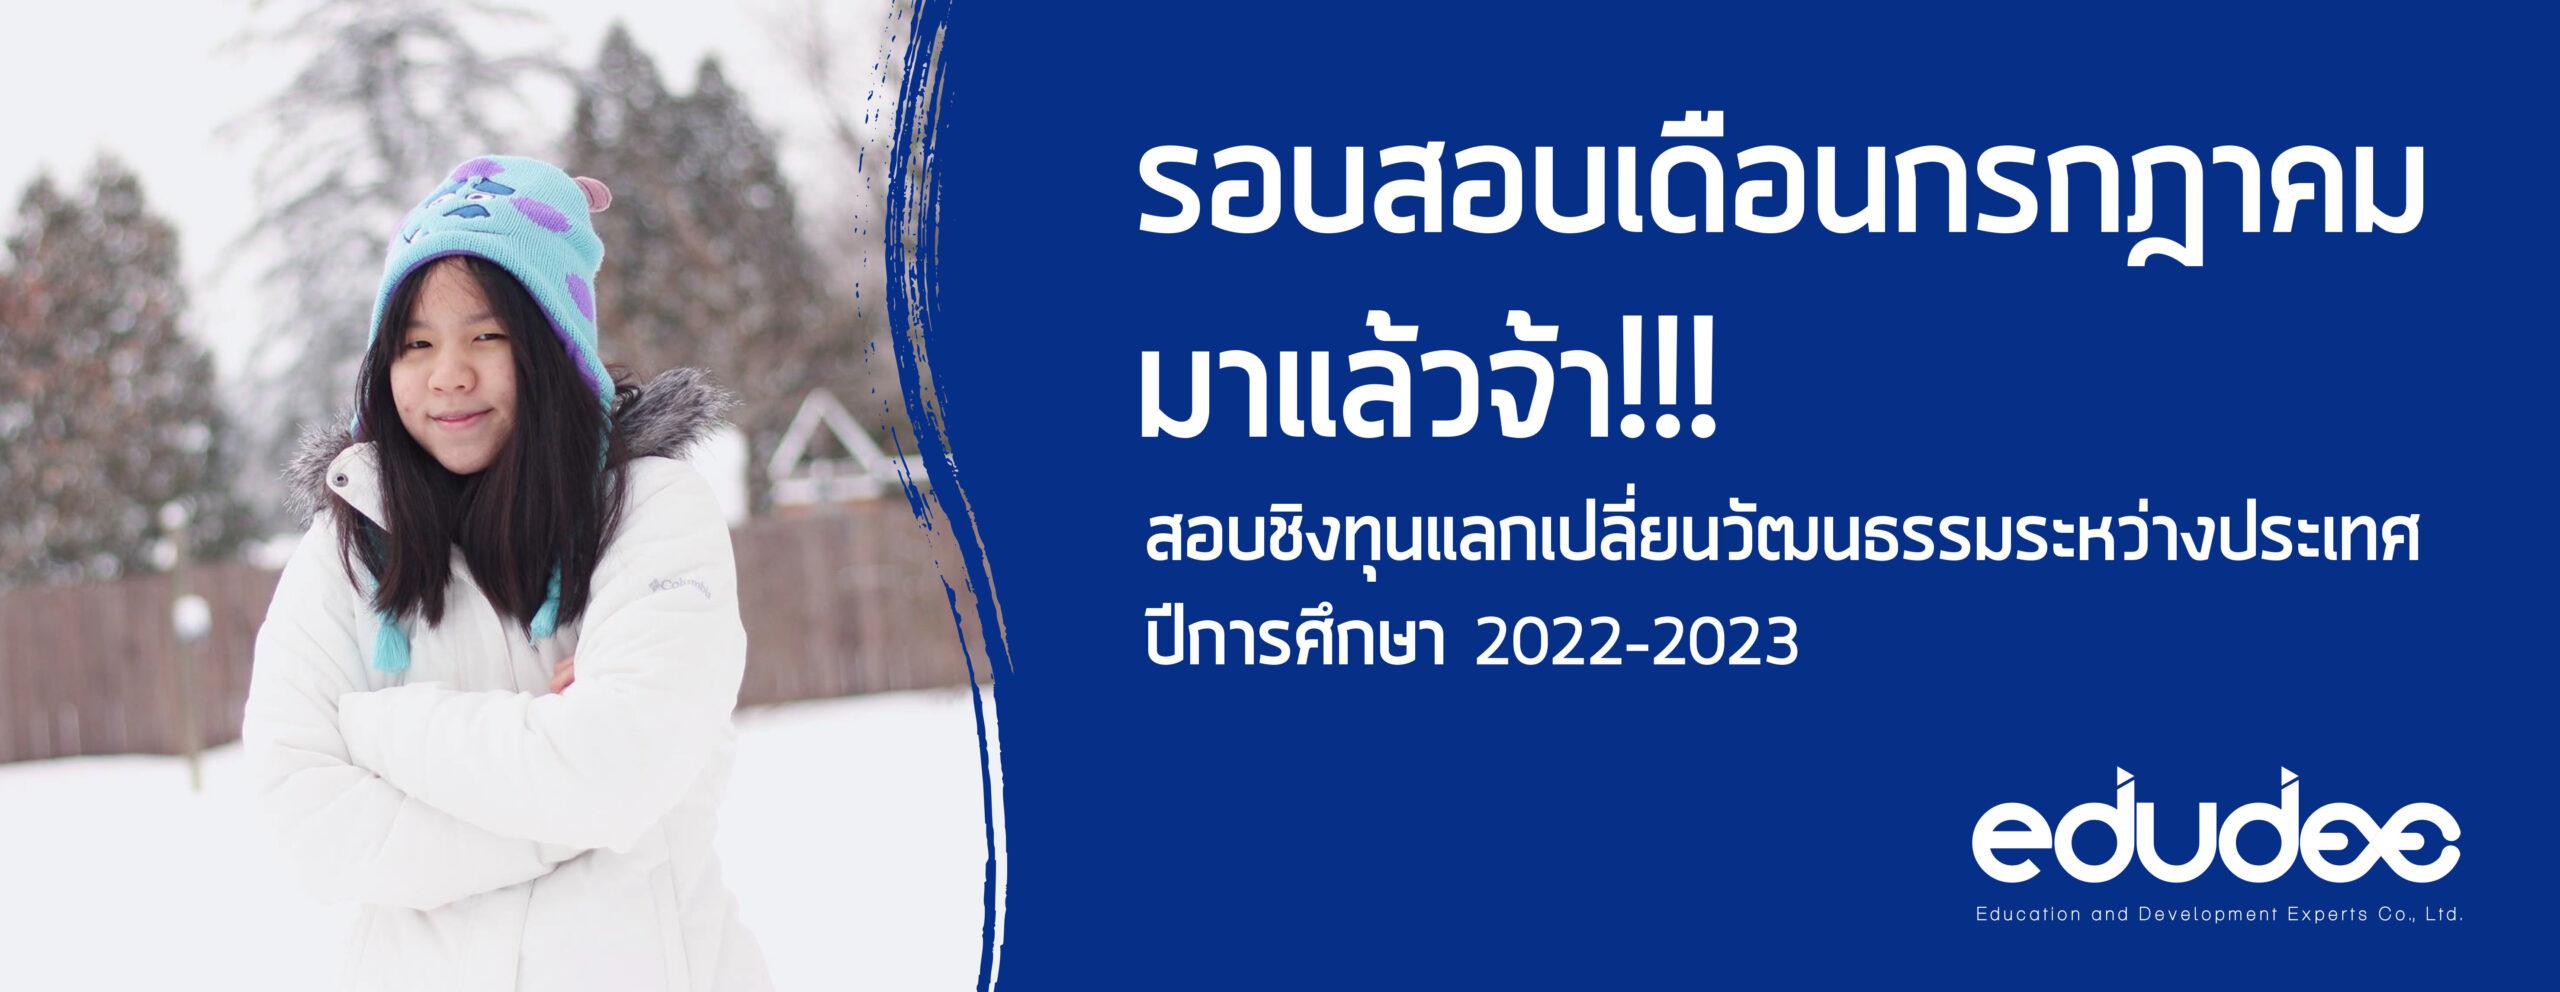 สมัครสอบชิงทุนนักเรียนแลกเปลี่ยนปีการศึกษา 2022-2023